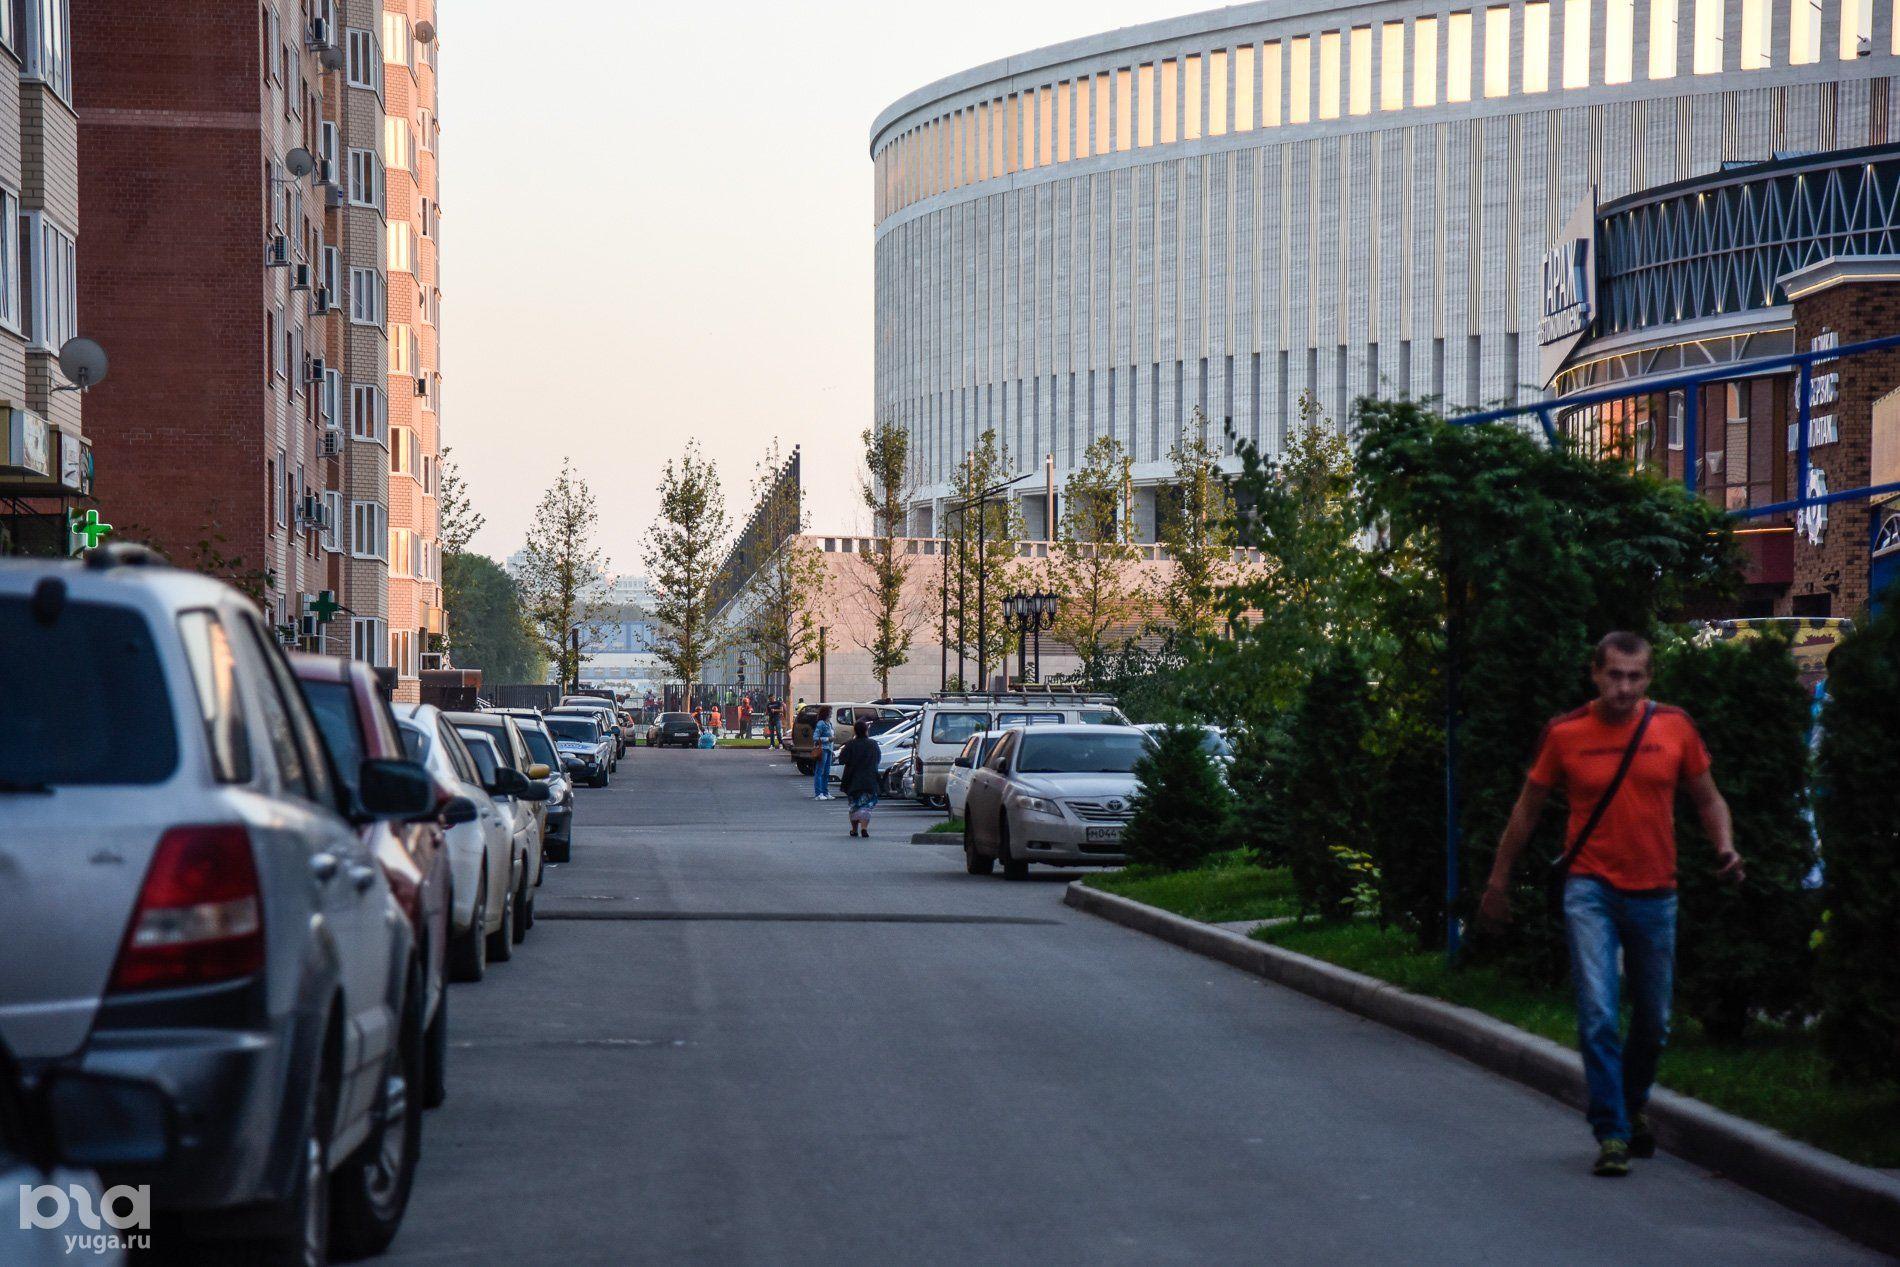 Дворовая территория рядом со стадионом ФК «Краснодар» ©Фото Елены Синеок, Юга.ру